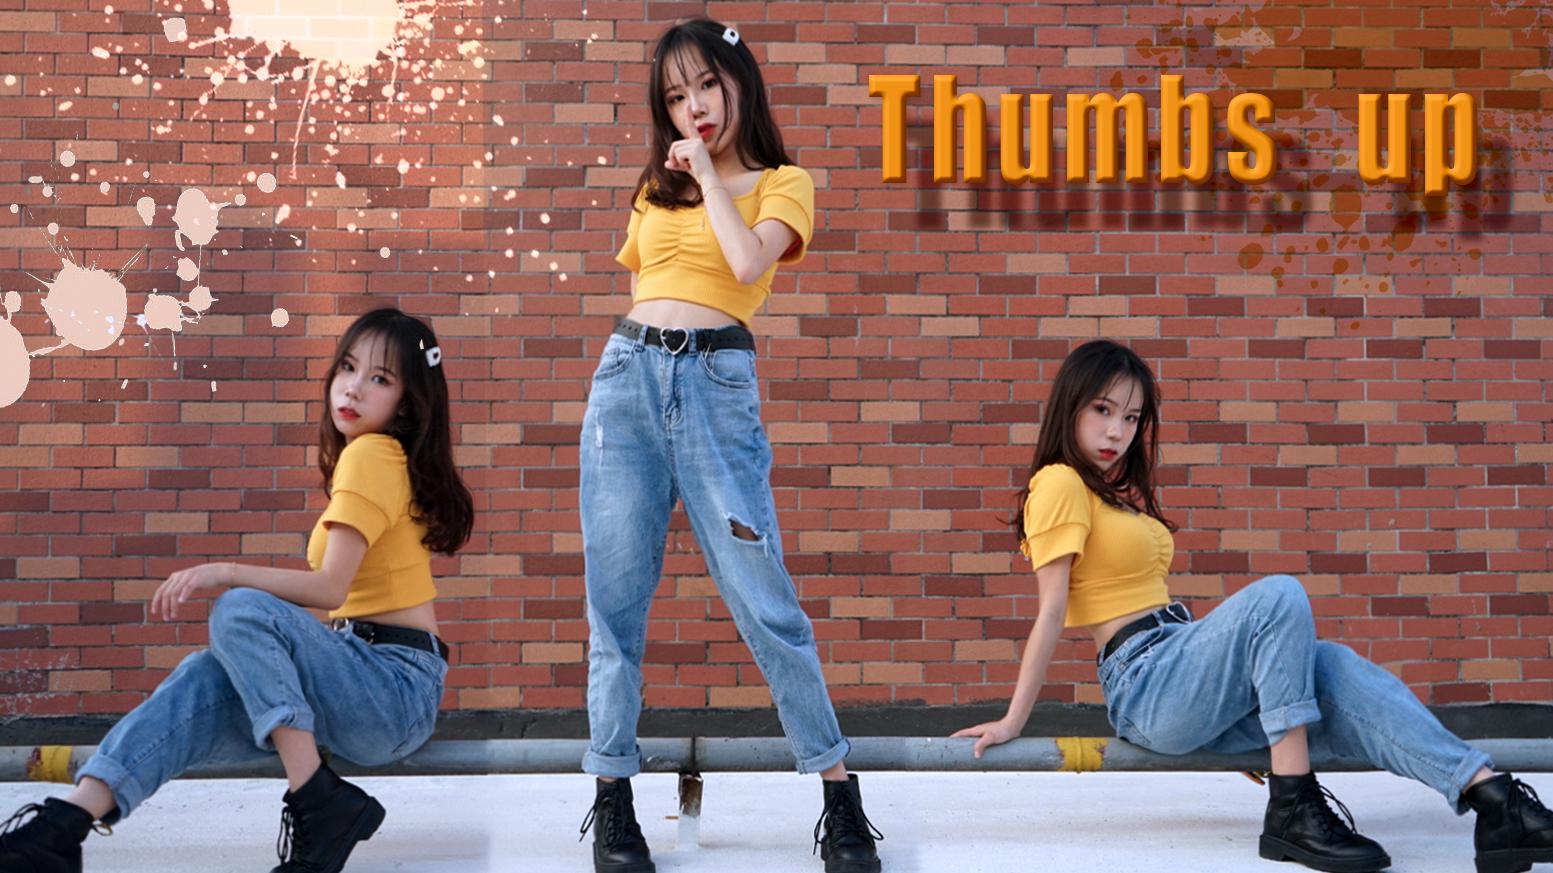 【子姝】天台蹦迪~韩舞初尝试Thumbs up拜托了需要你的thumbs up